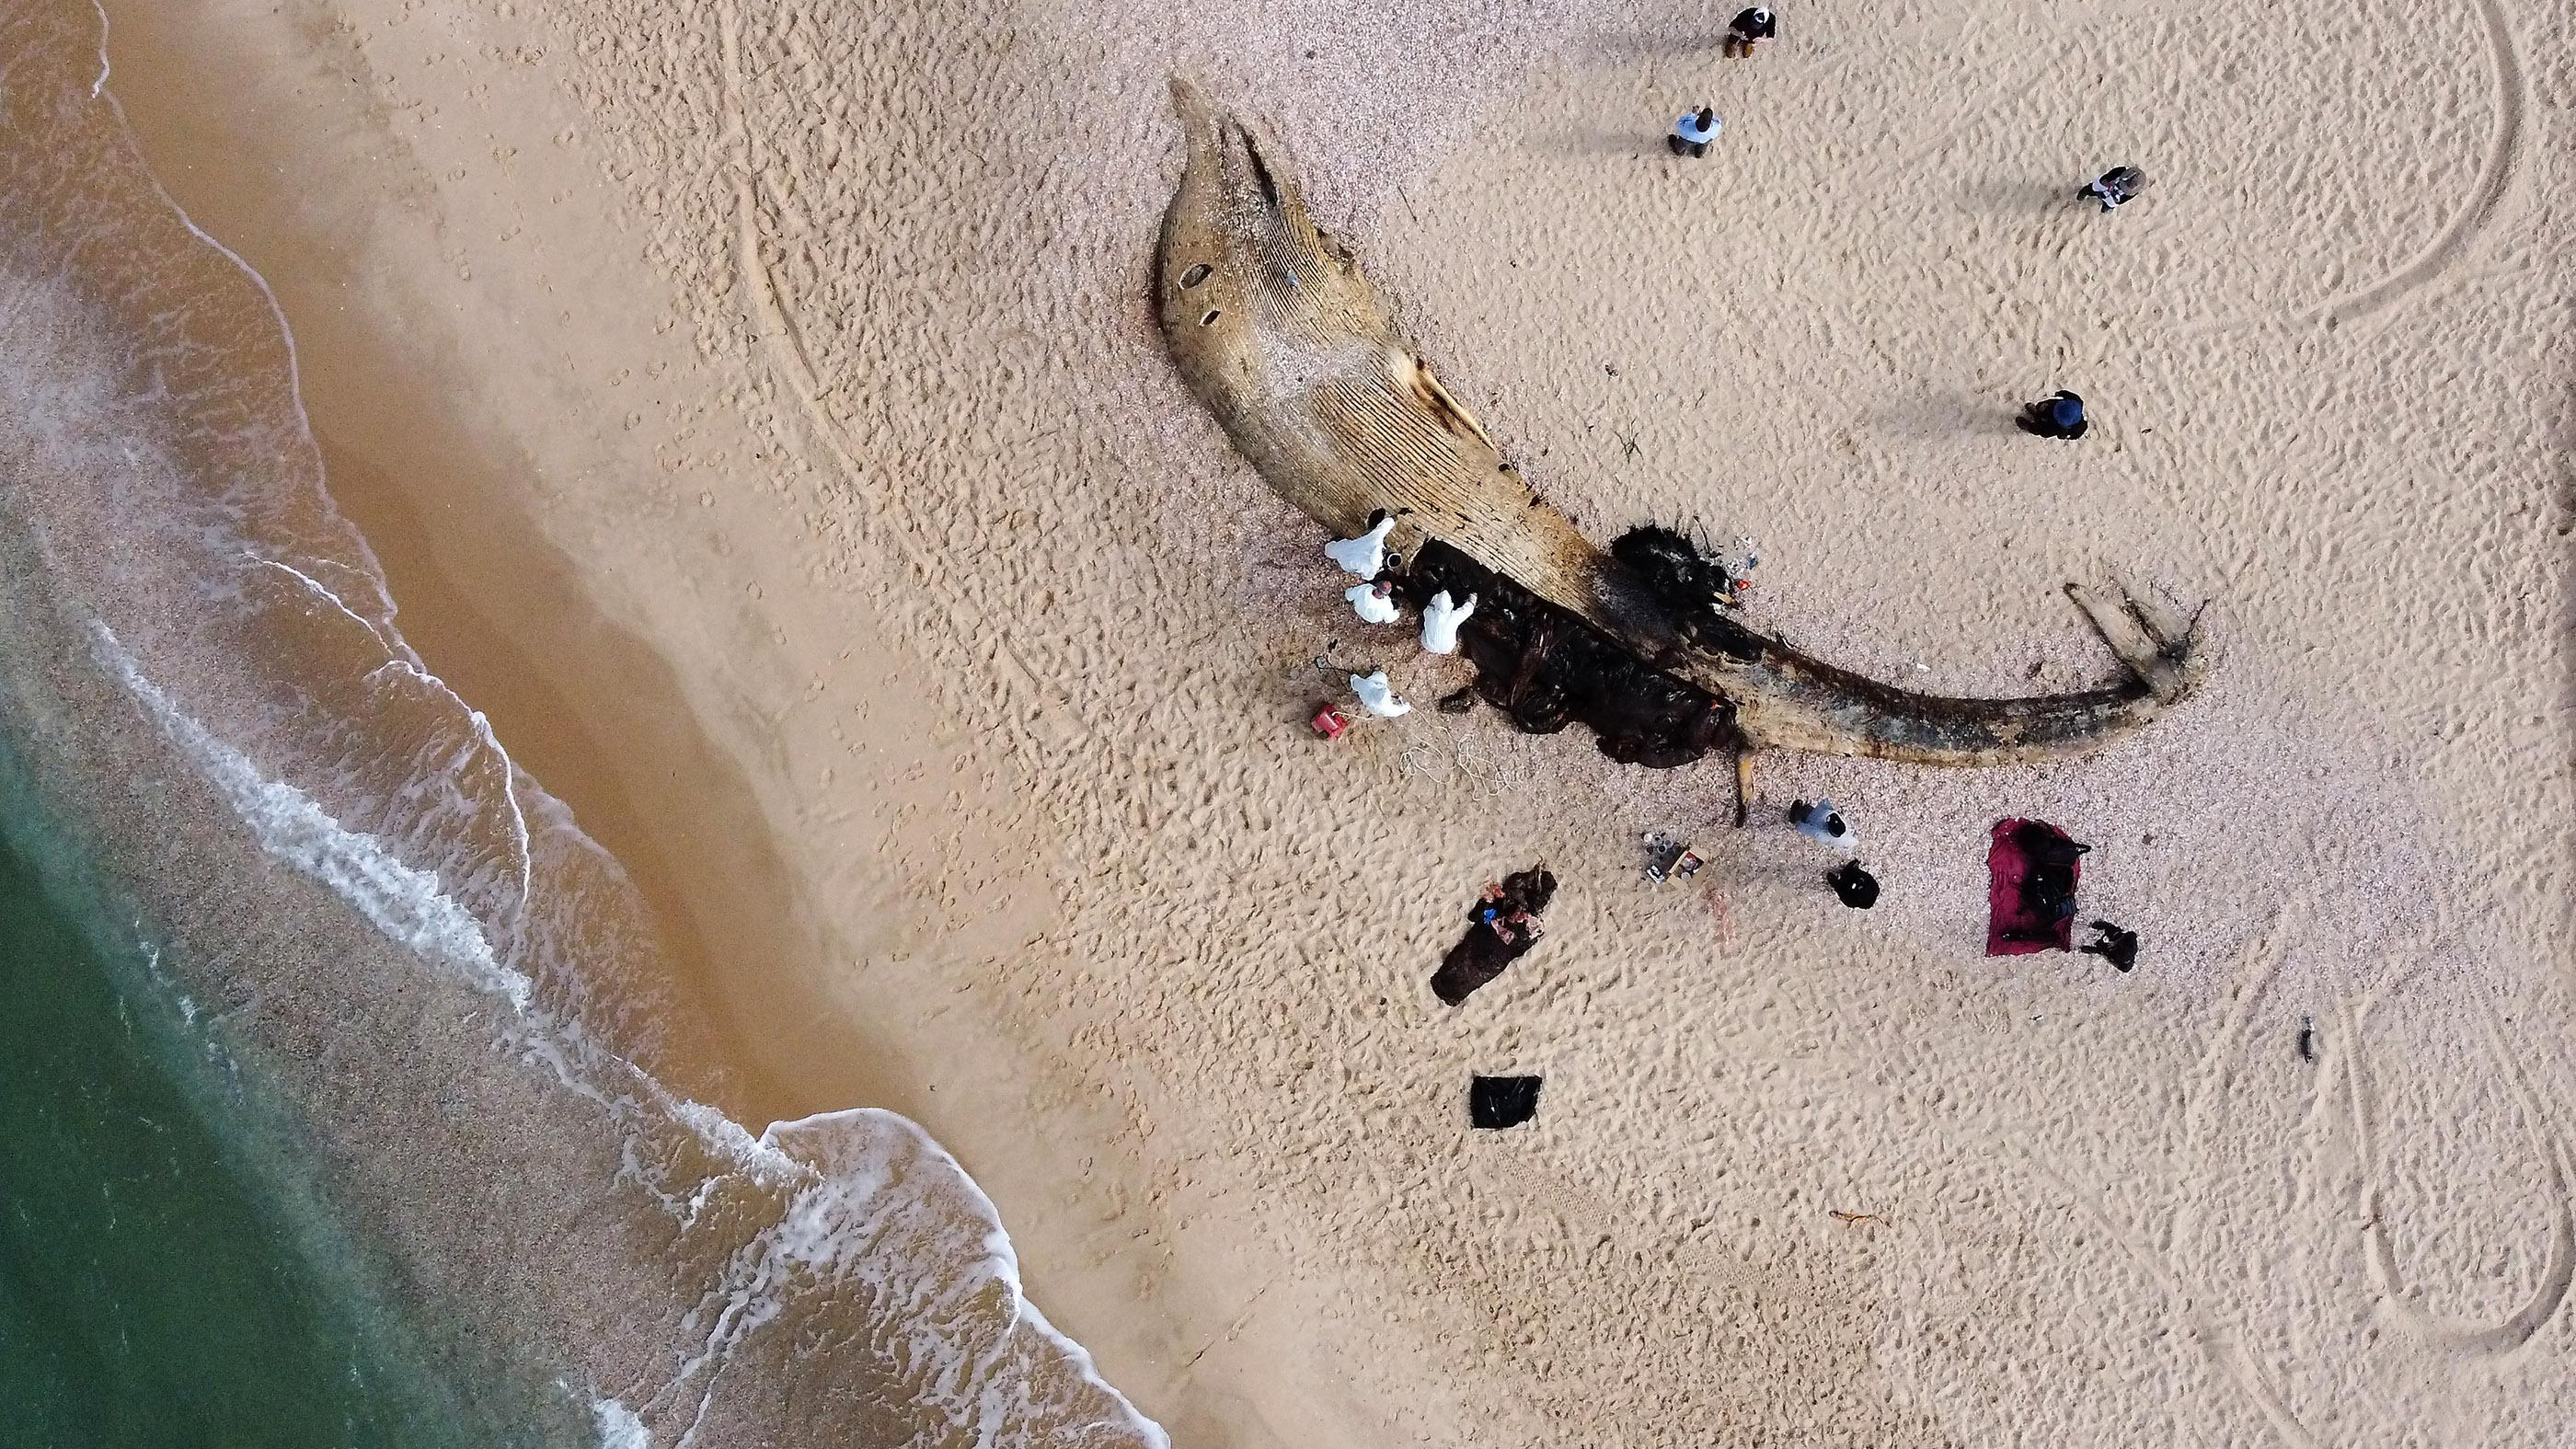 Des scientifiques examinent le corps d'un rorqual commun mort qui s'est échoué de la mer Méditerranée le 21 février à Nitzanim, en Israël.